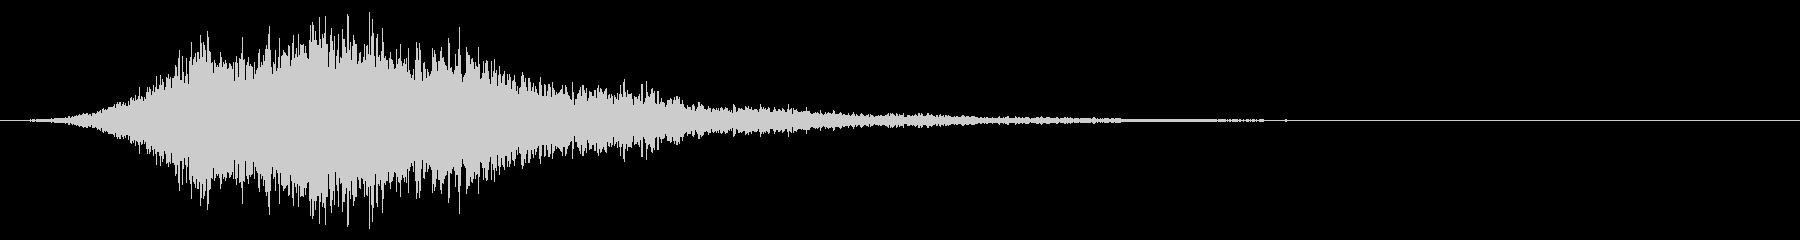 【キーン】サスペンス・ホラー_効果音の未再生の波形